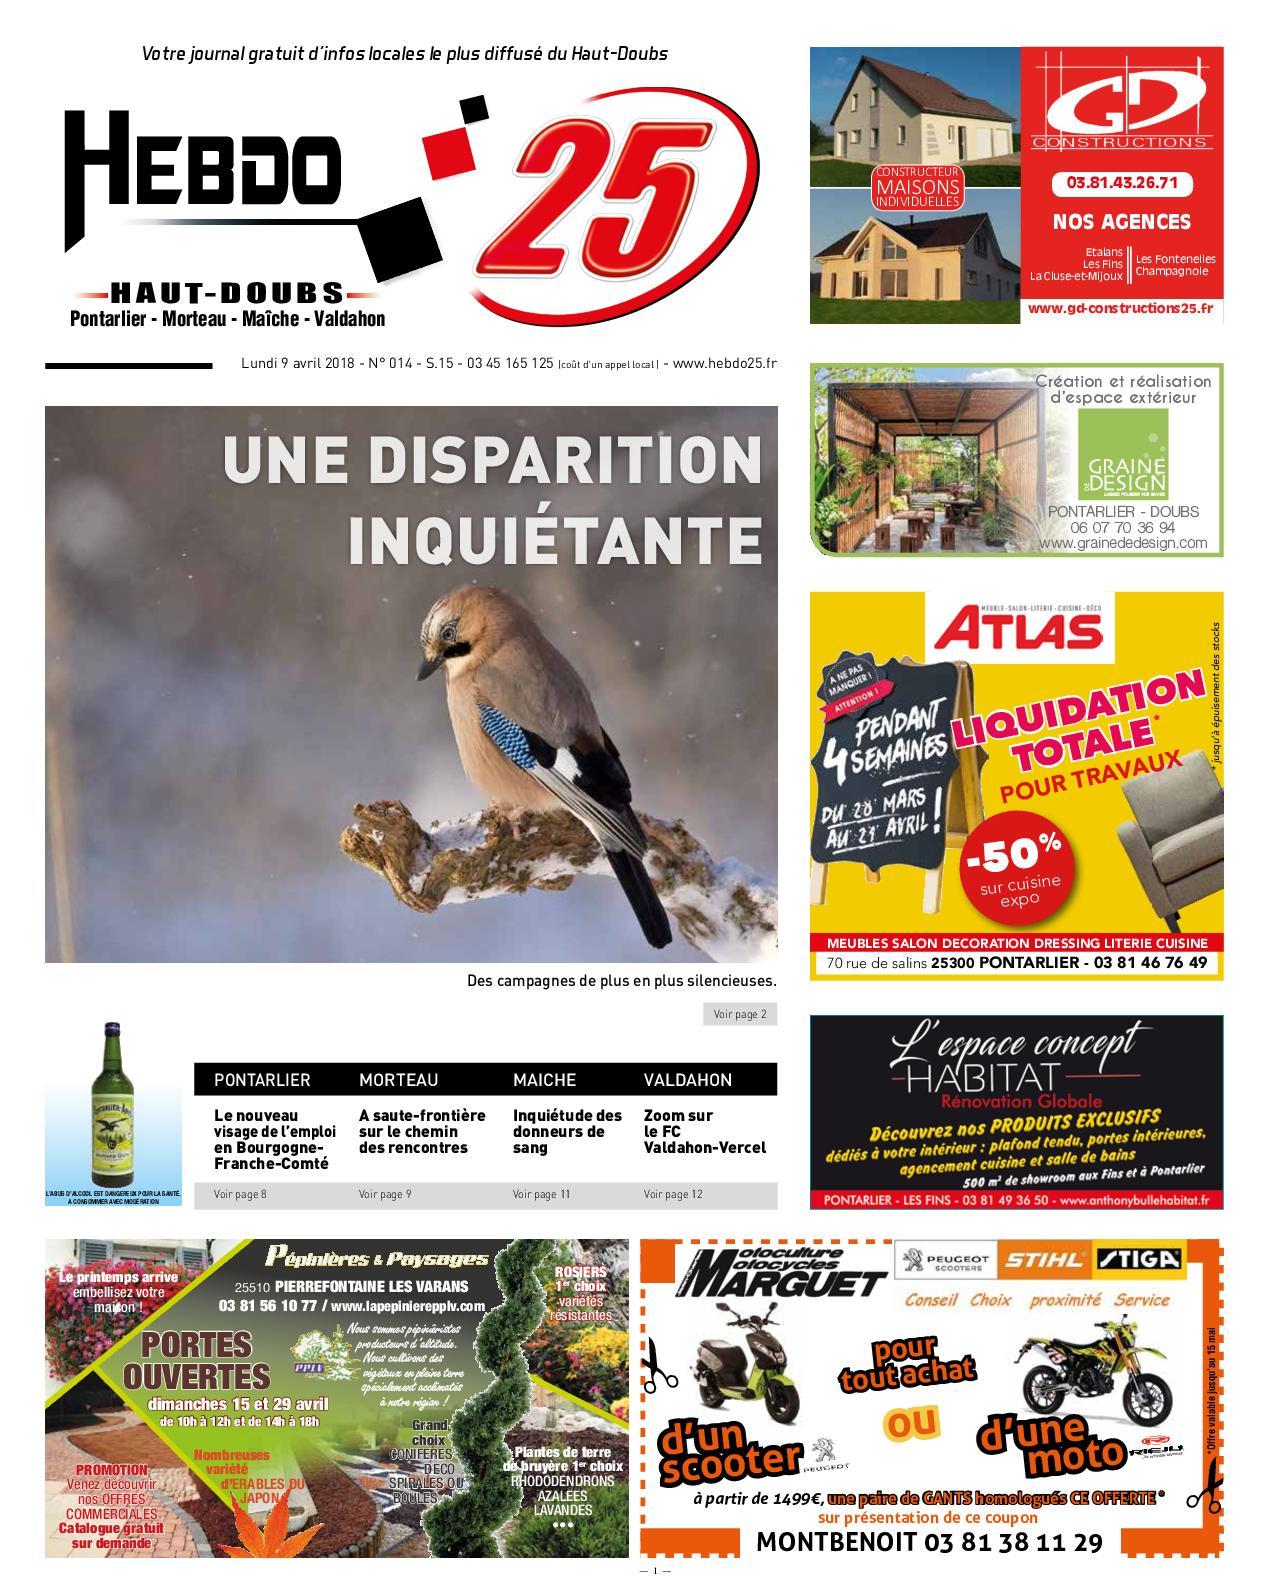 Meuble En Fer forgé Et Bois Nouveau Calaméo Hebdo Pontarlier 15 2018 Of 40 Inspirant Meuble En Fer forgé Et Bois